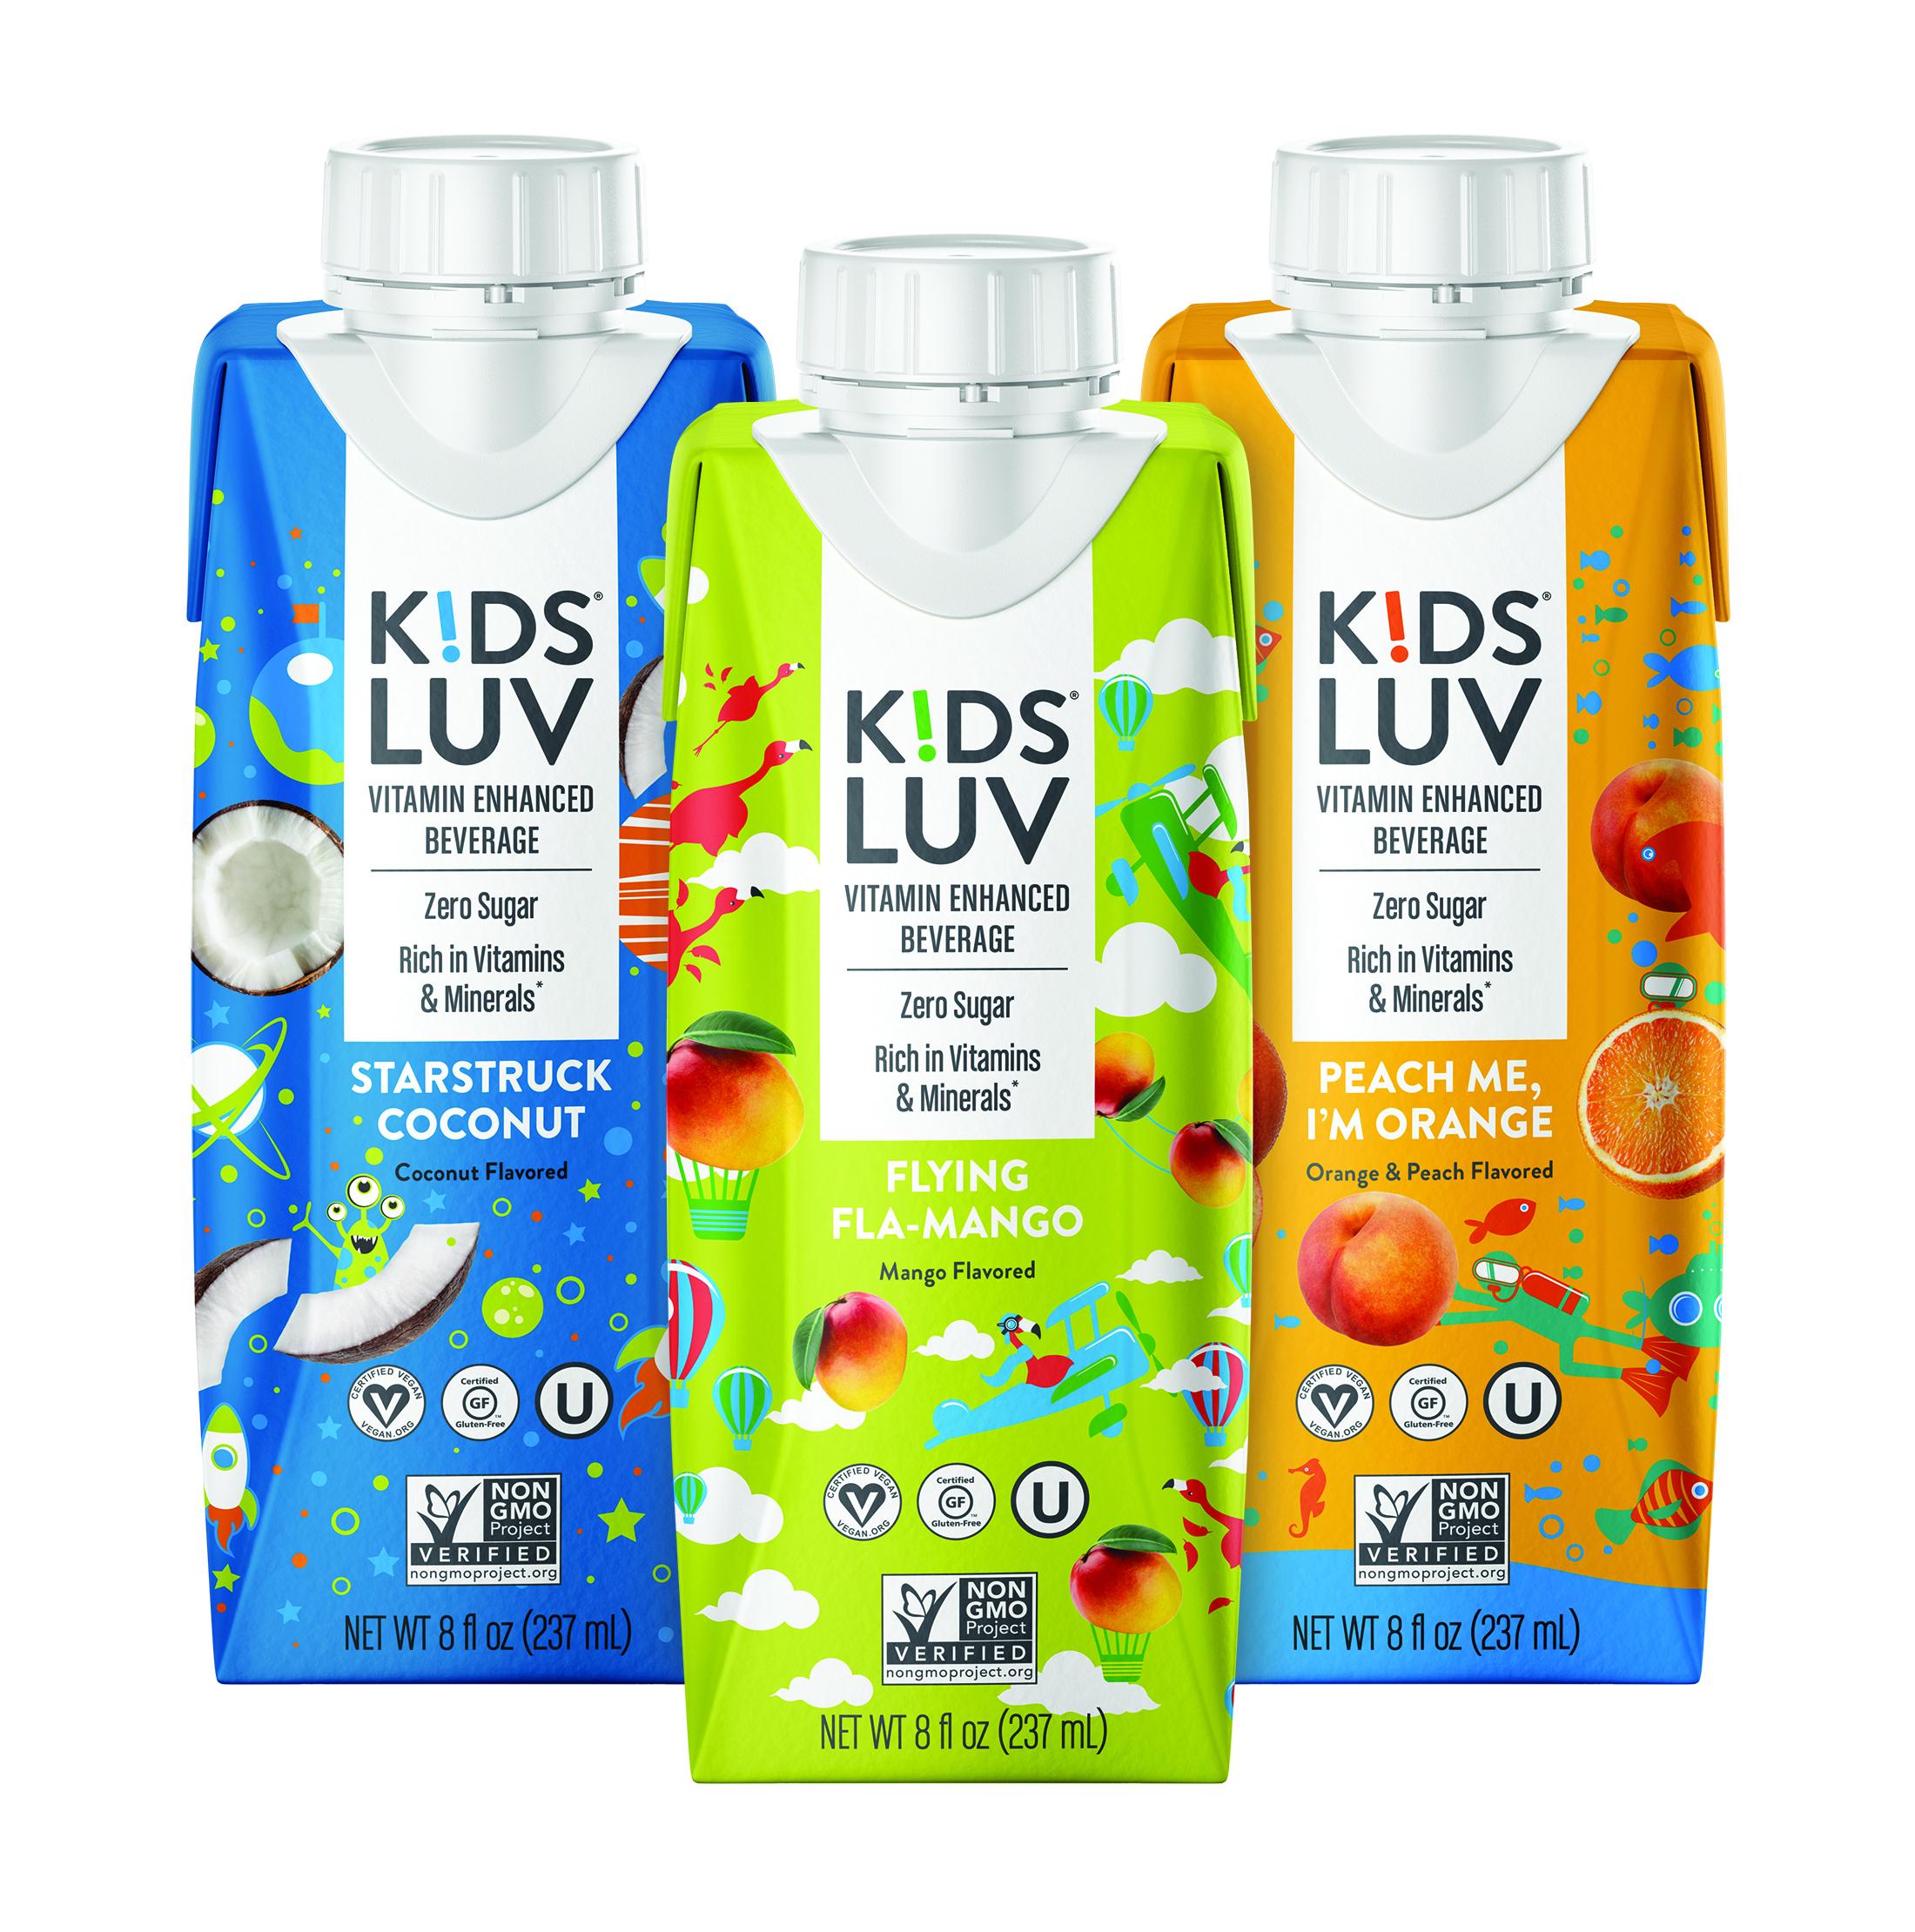 KidsLuv